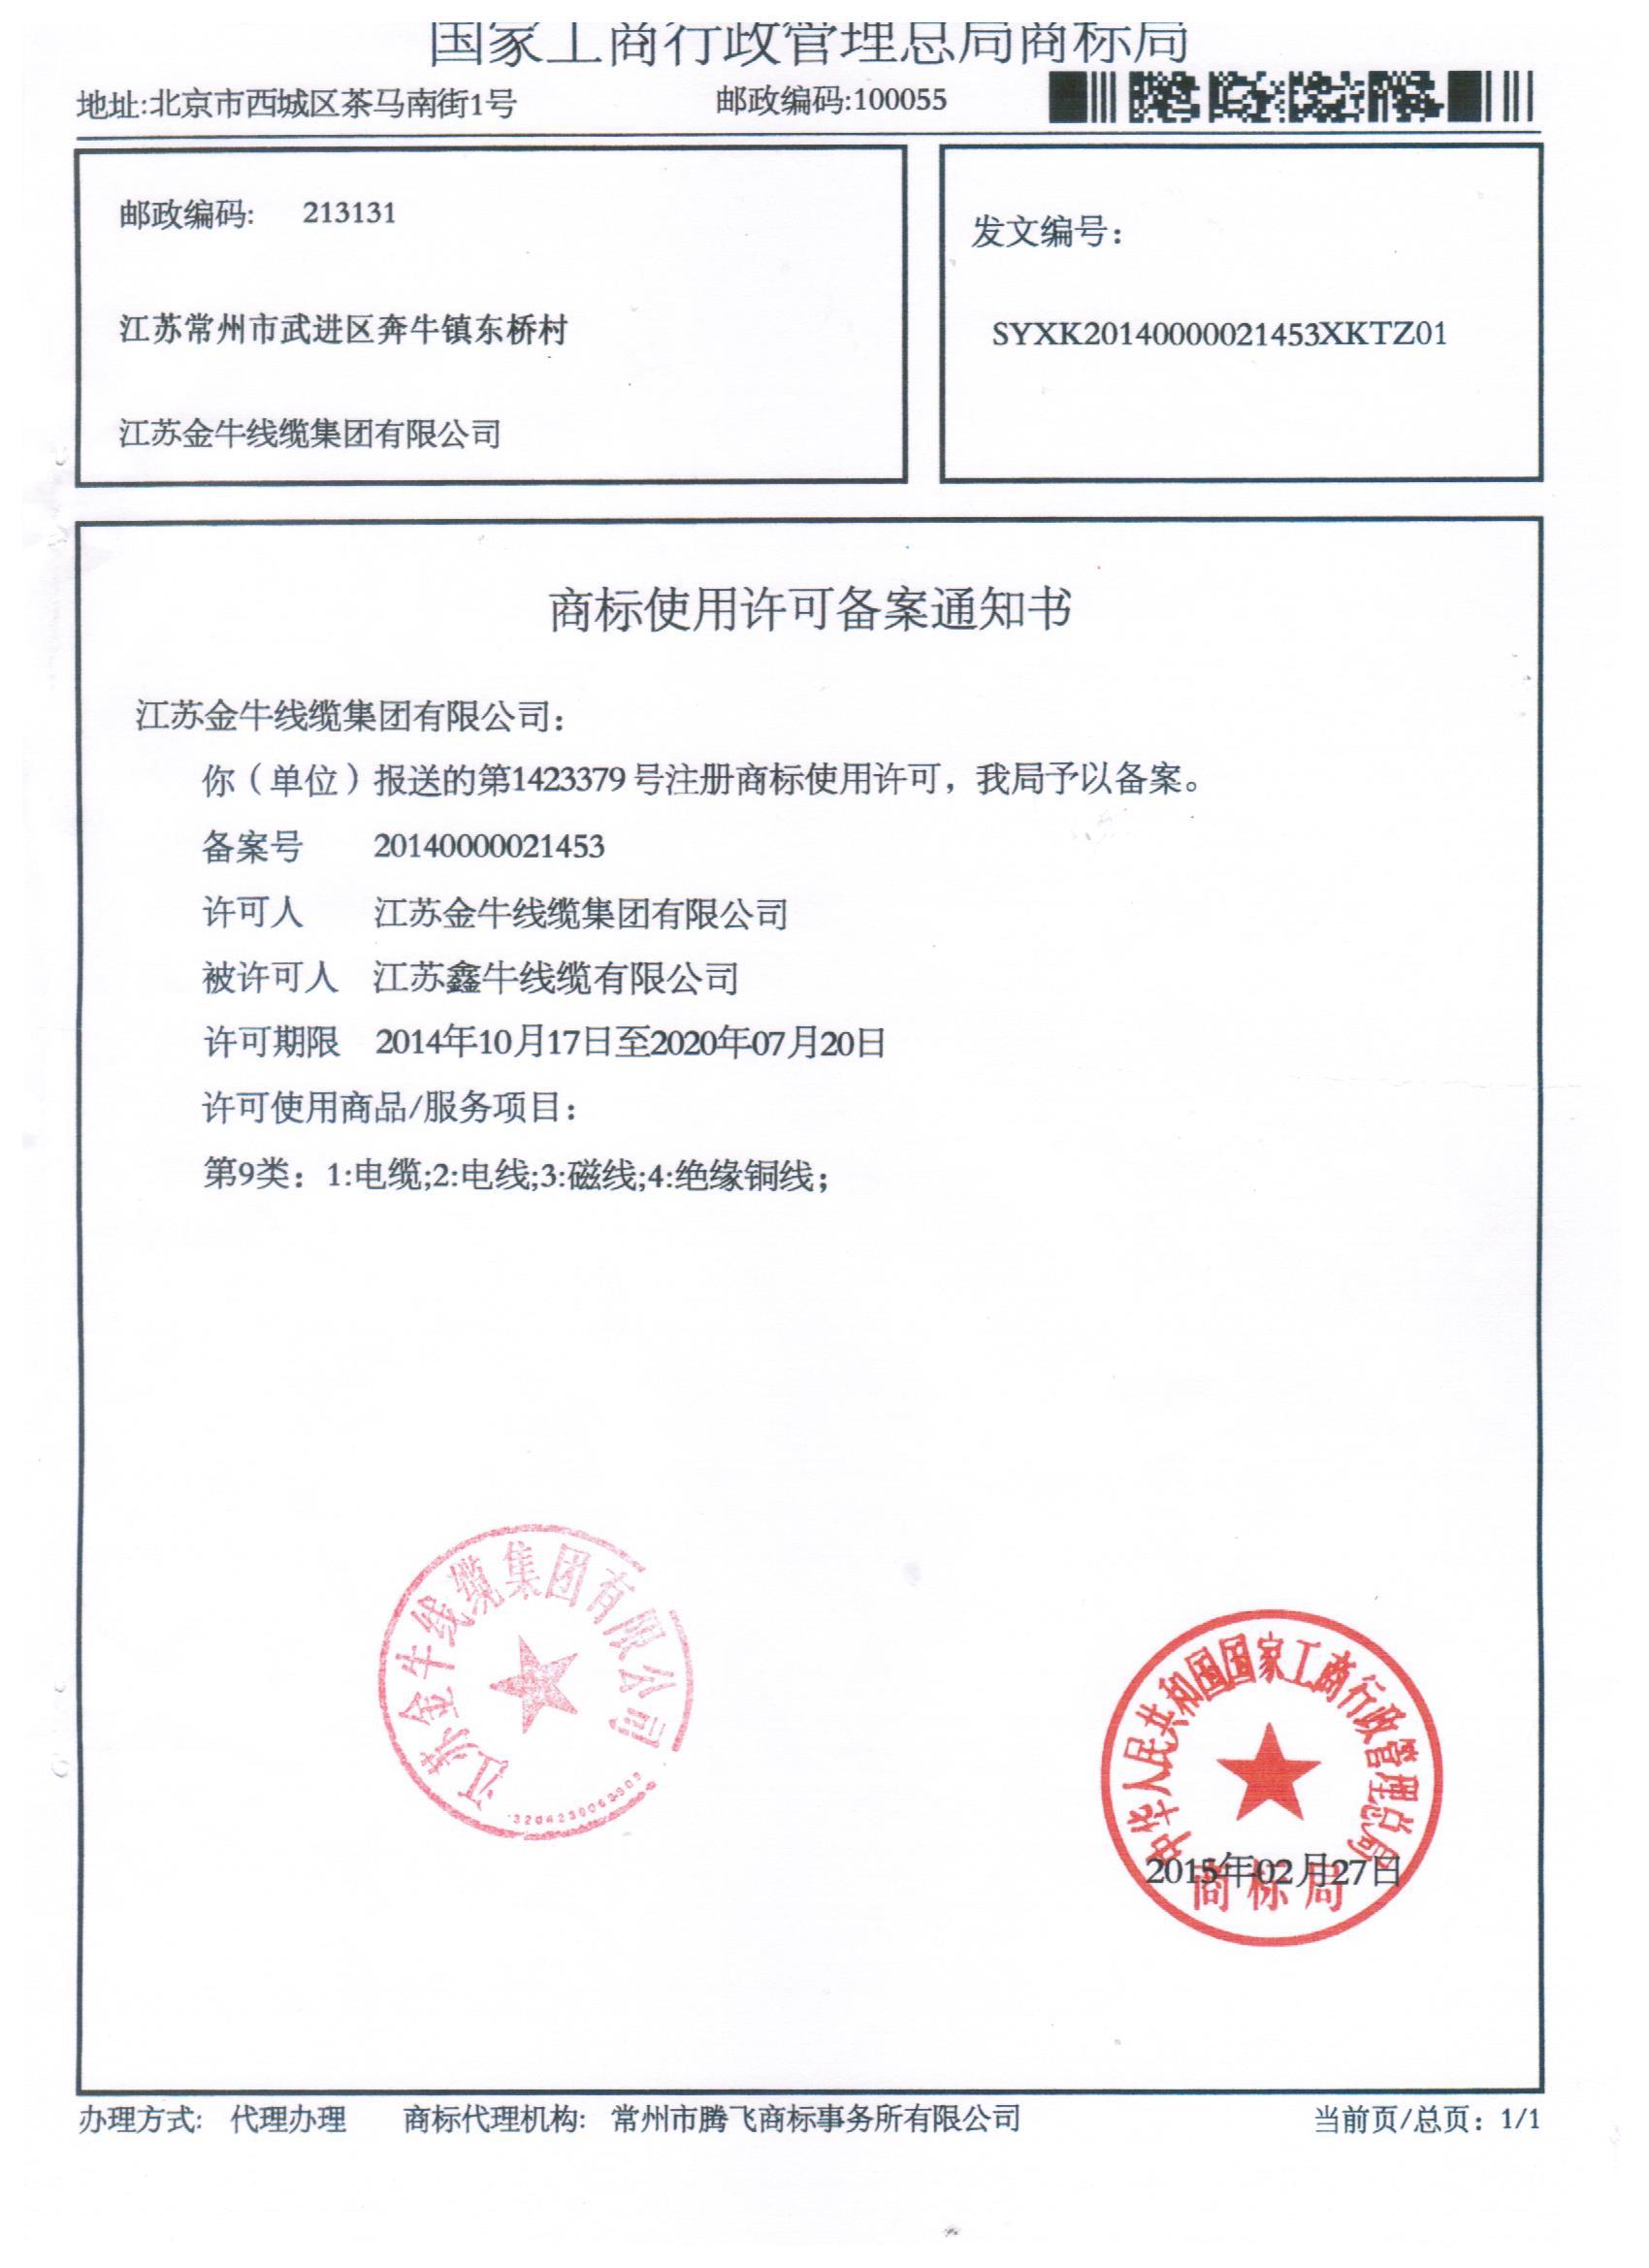 36年金牛品质传承——鑫牛线缆告客户通知书